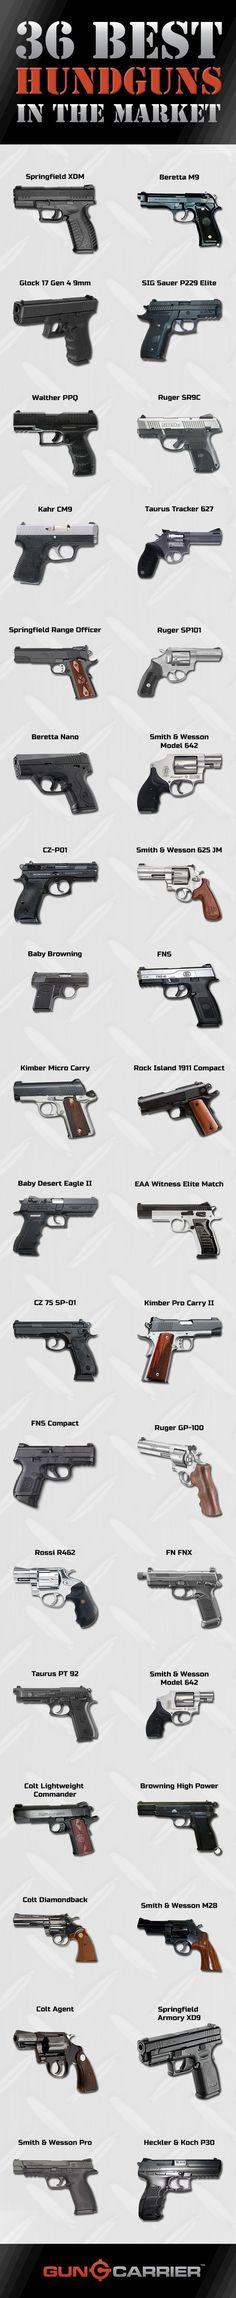 36 Best Handguns You Will Ever Need | https://guncarrier.com/best-handguns/